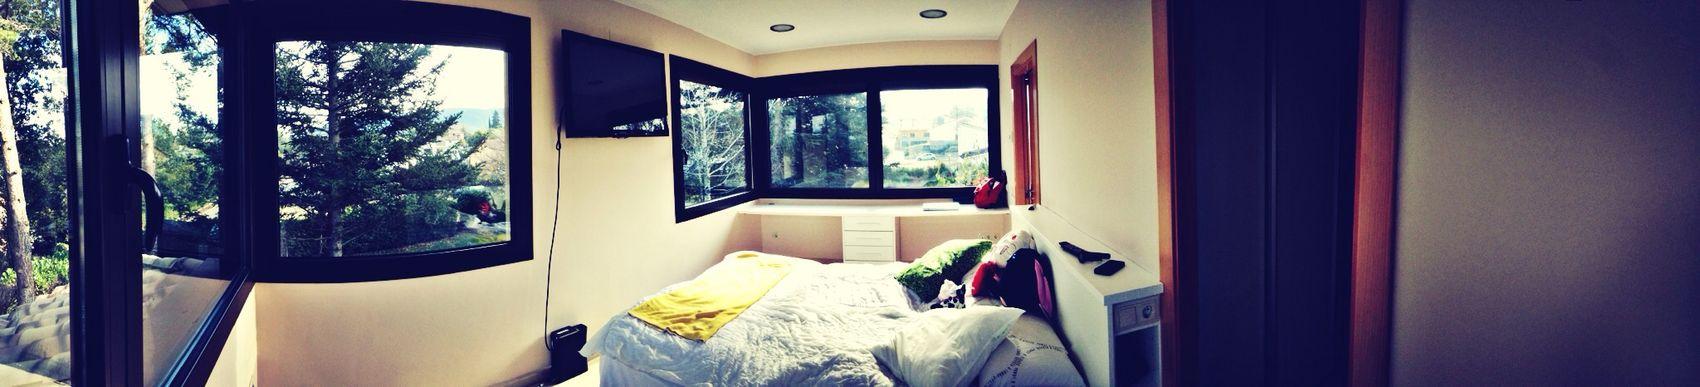 Mybedroom HouseBeautiful Weekend